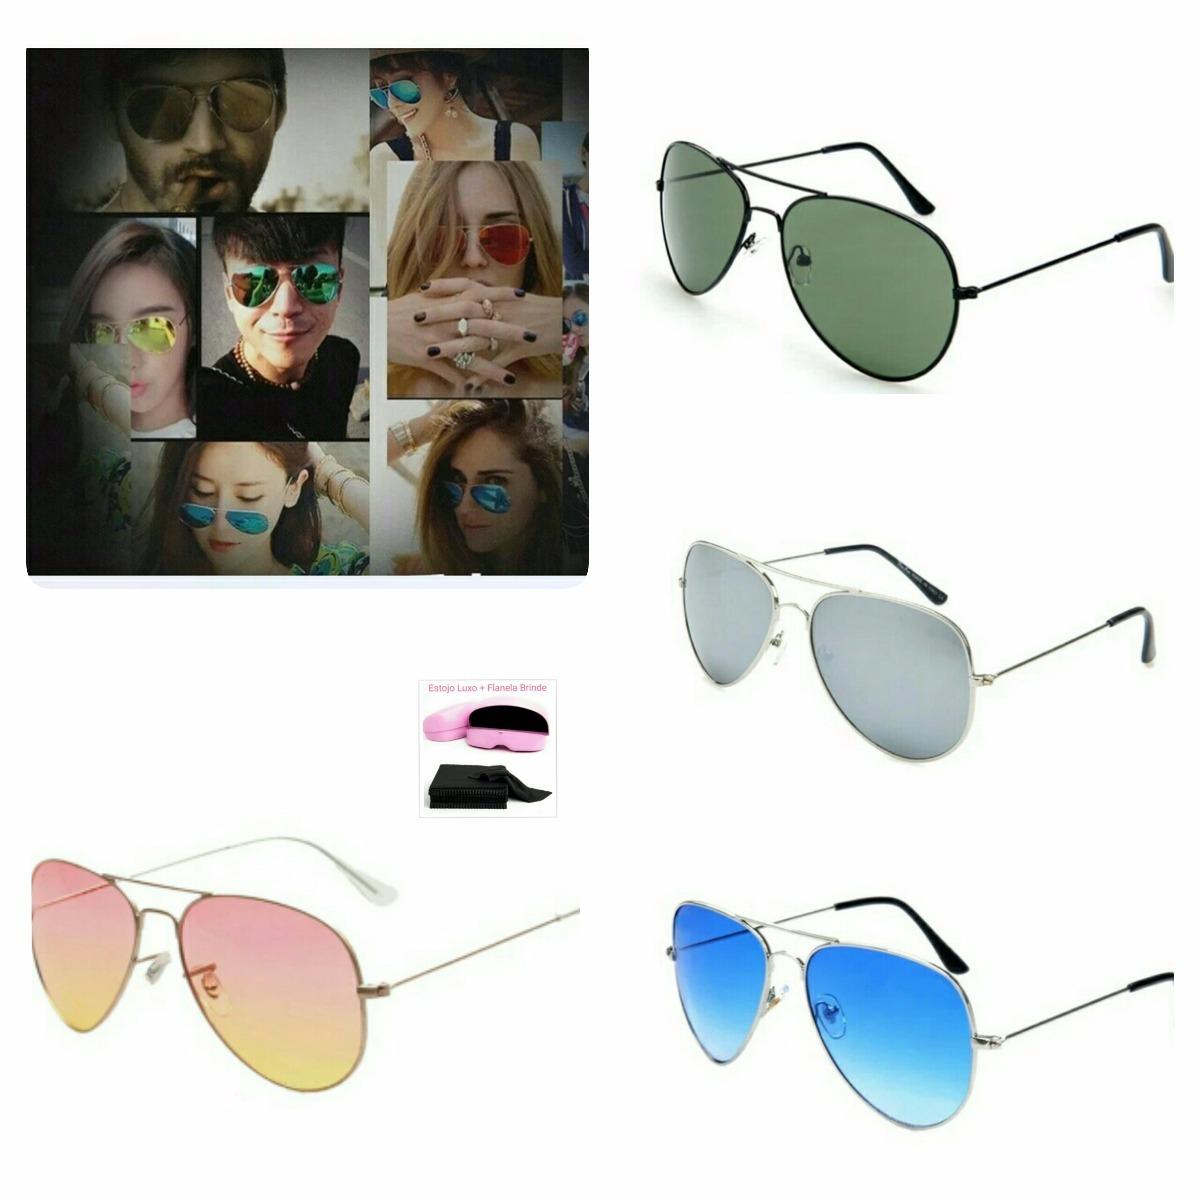 7282f1bbd7685 kit 4 óculos de sol feminino espelhado com estojo e flanela. Carregando zoom .